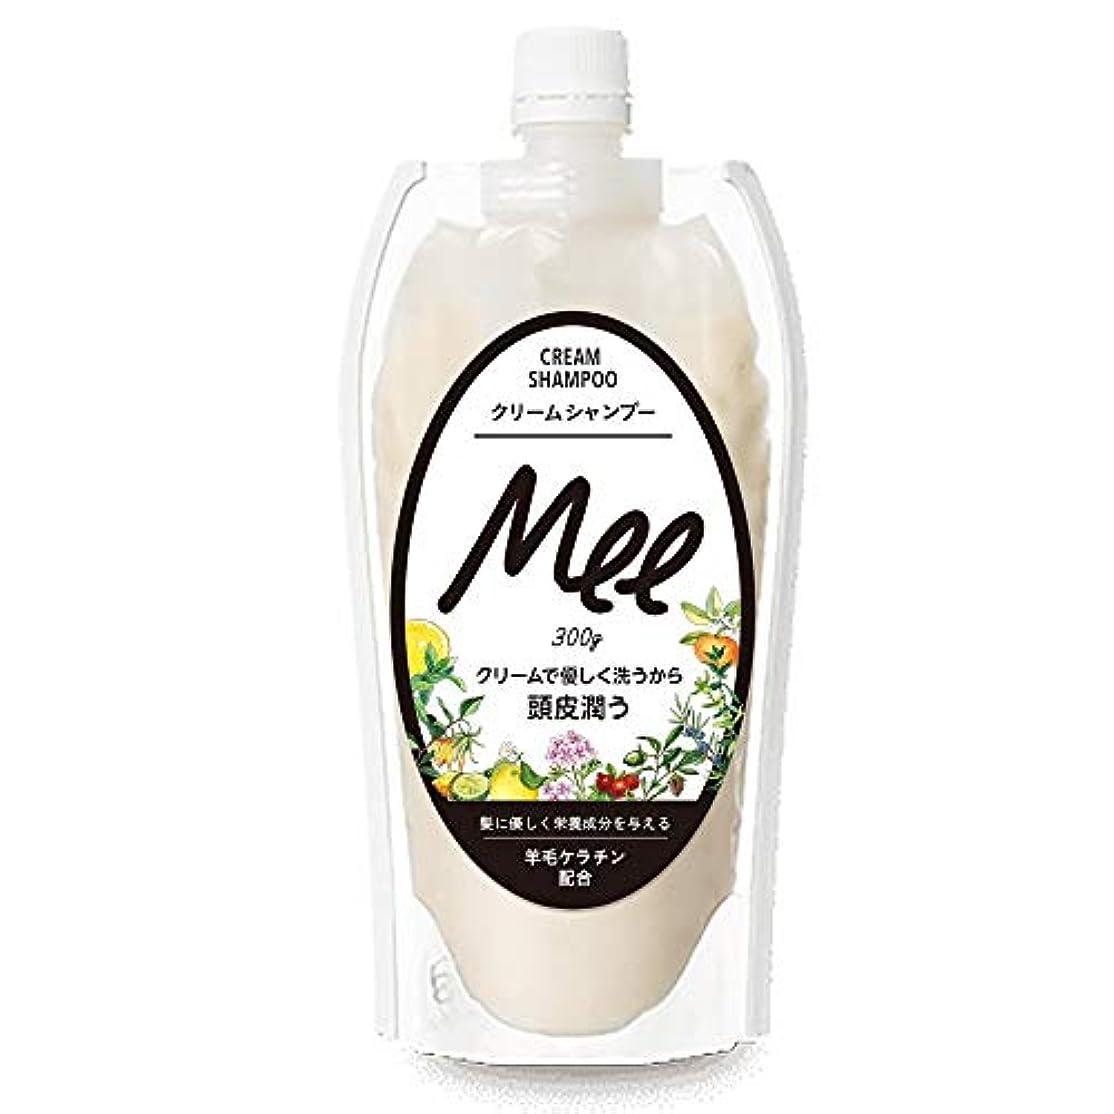 未使用むちゃくちゃ今日洗えるヘアトリートメント Mee 300g クリームシャンプー 皮脂 乾燥肌 ダメージケア 大容量 時短